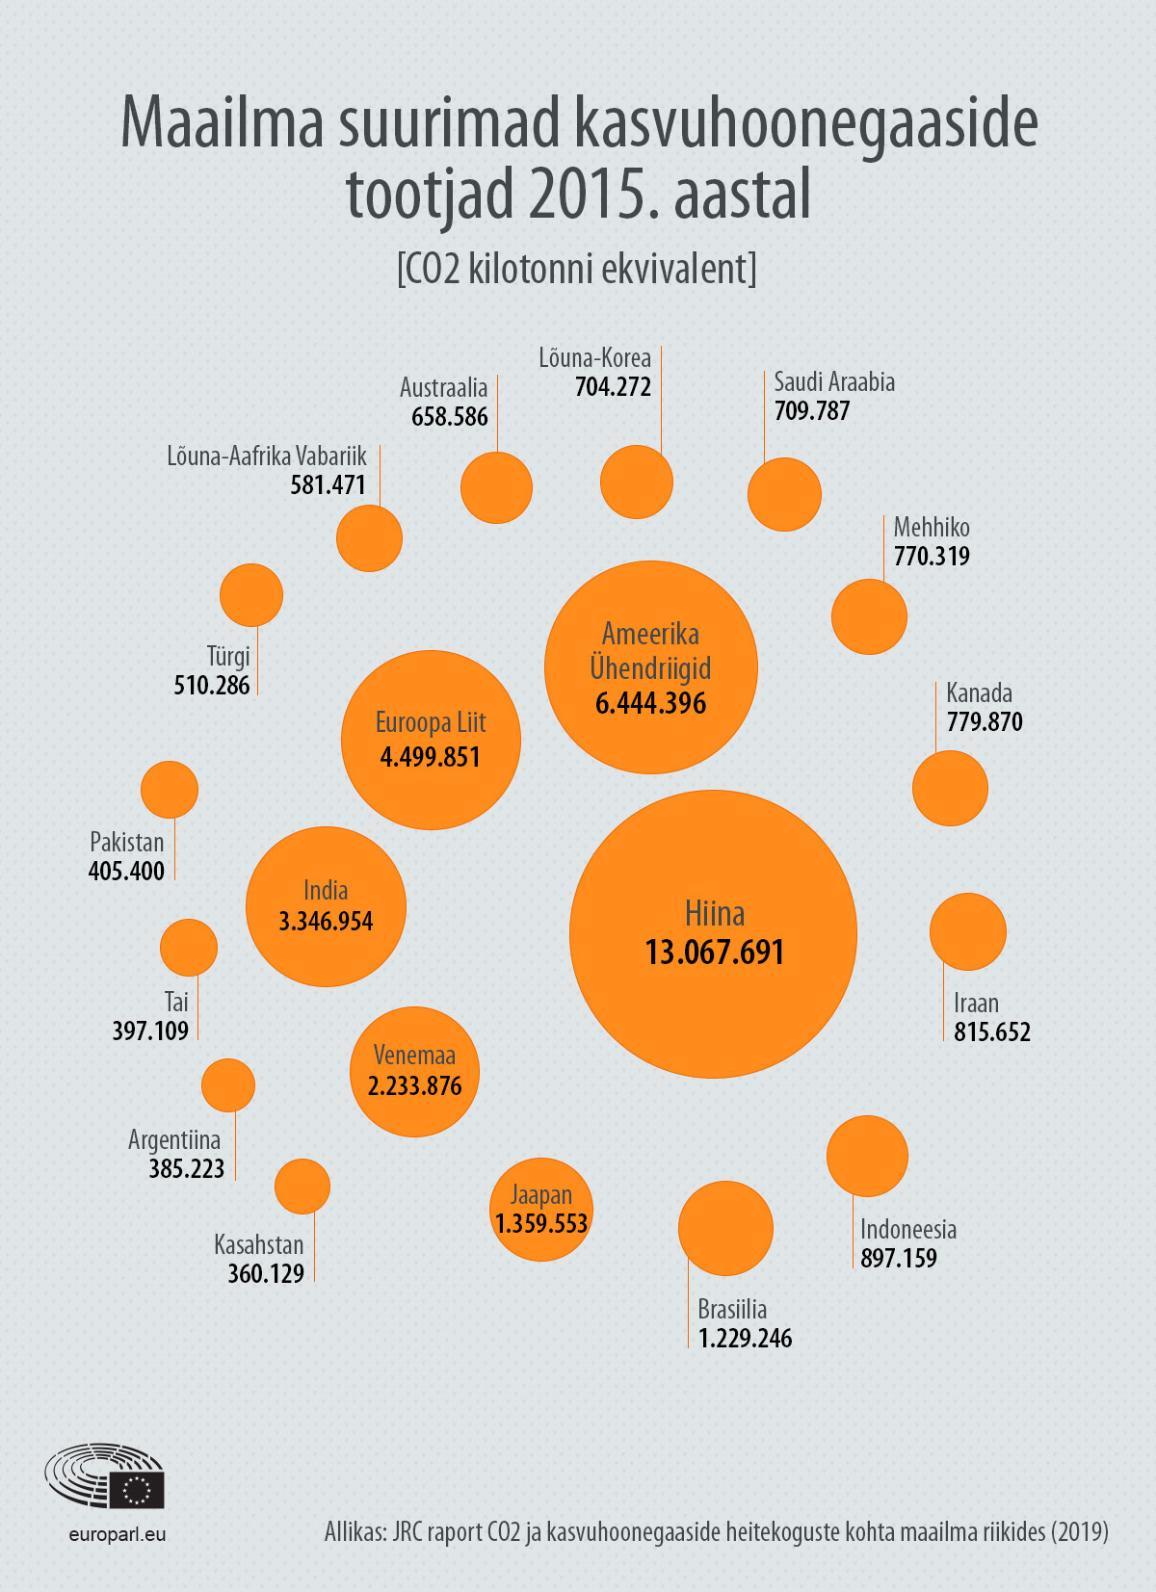 Maailma suurimad kasvuhoonegaaside tootjad 2015. aastal infograafik